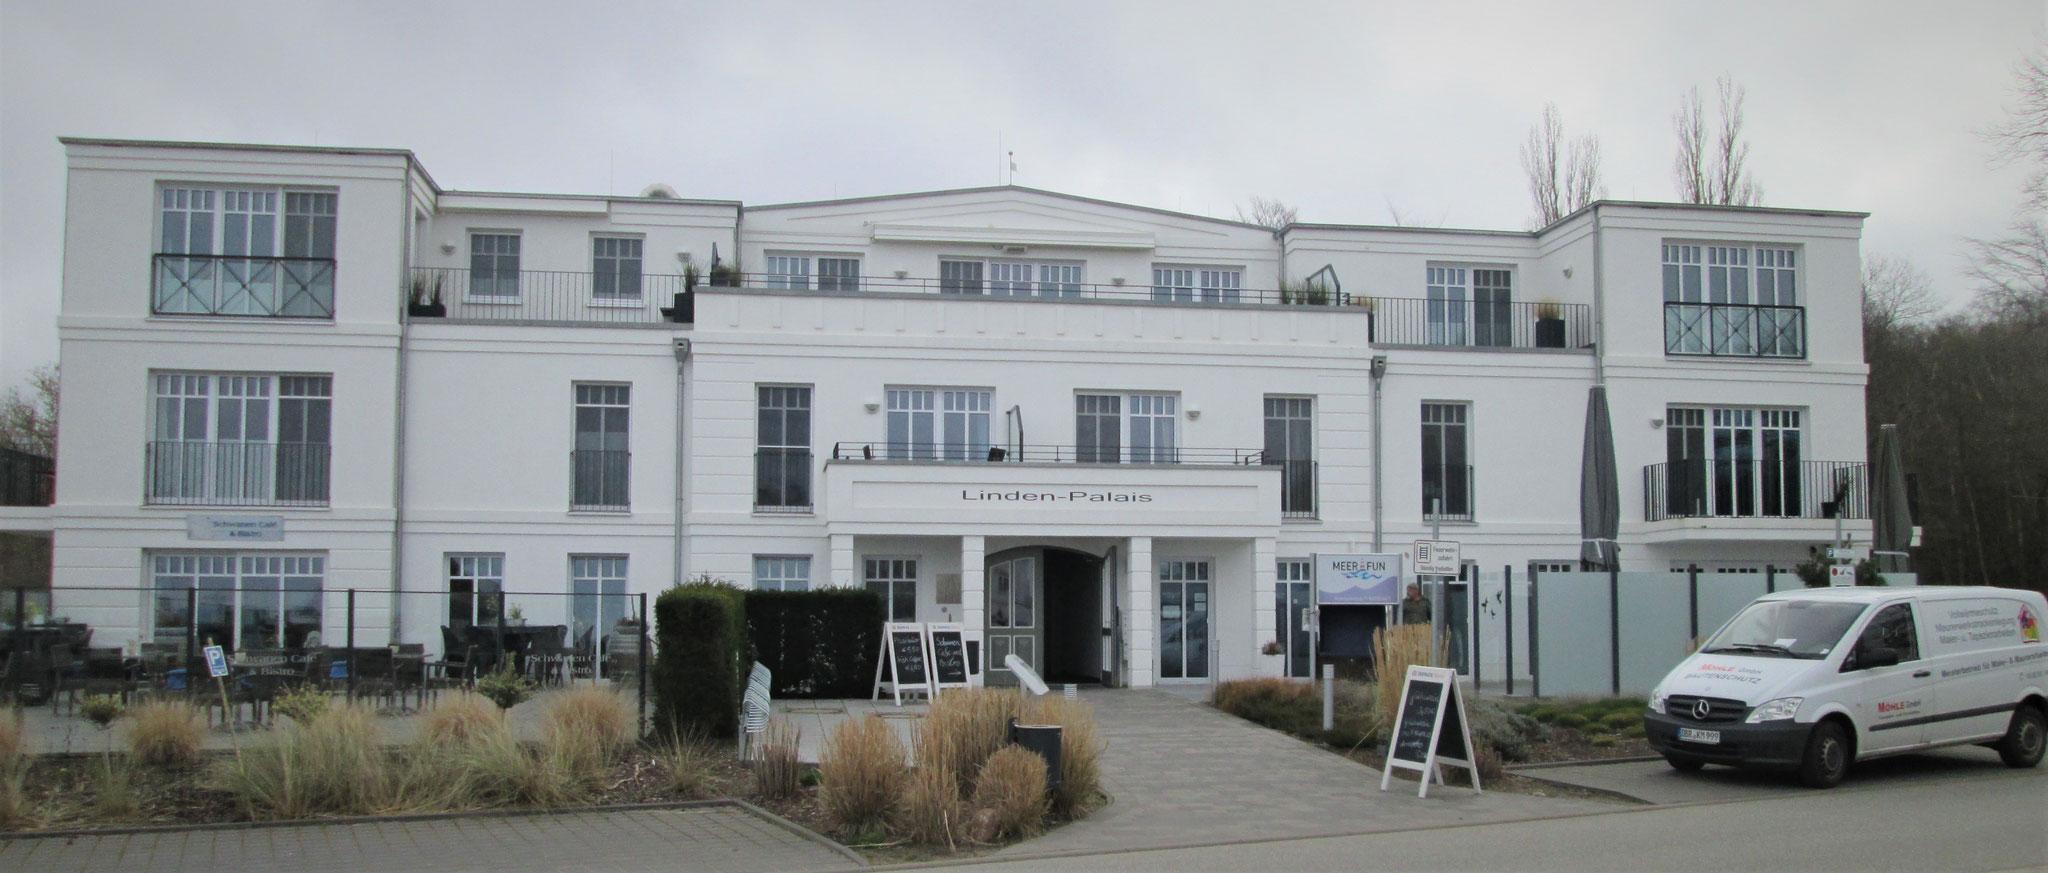 Appartementhaus Linden-Palais in Heiligendamm - Wärmedämmung und Fassadengestaltung